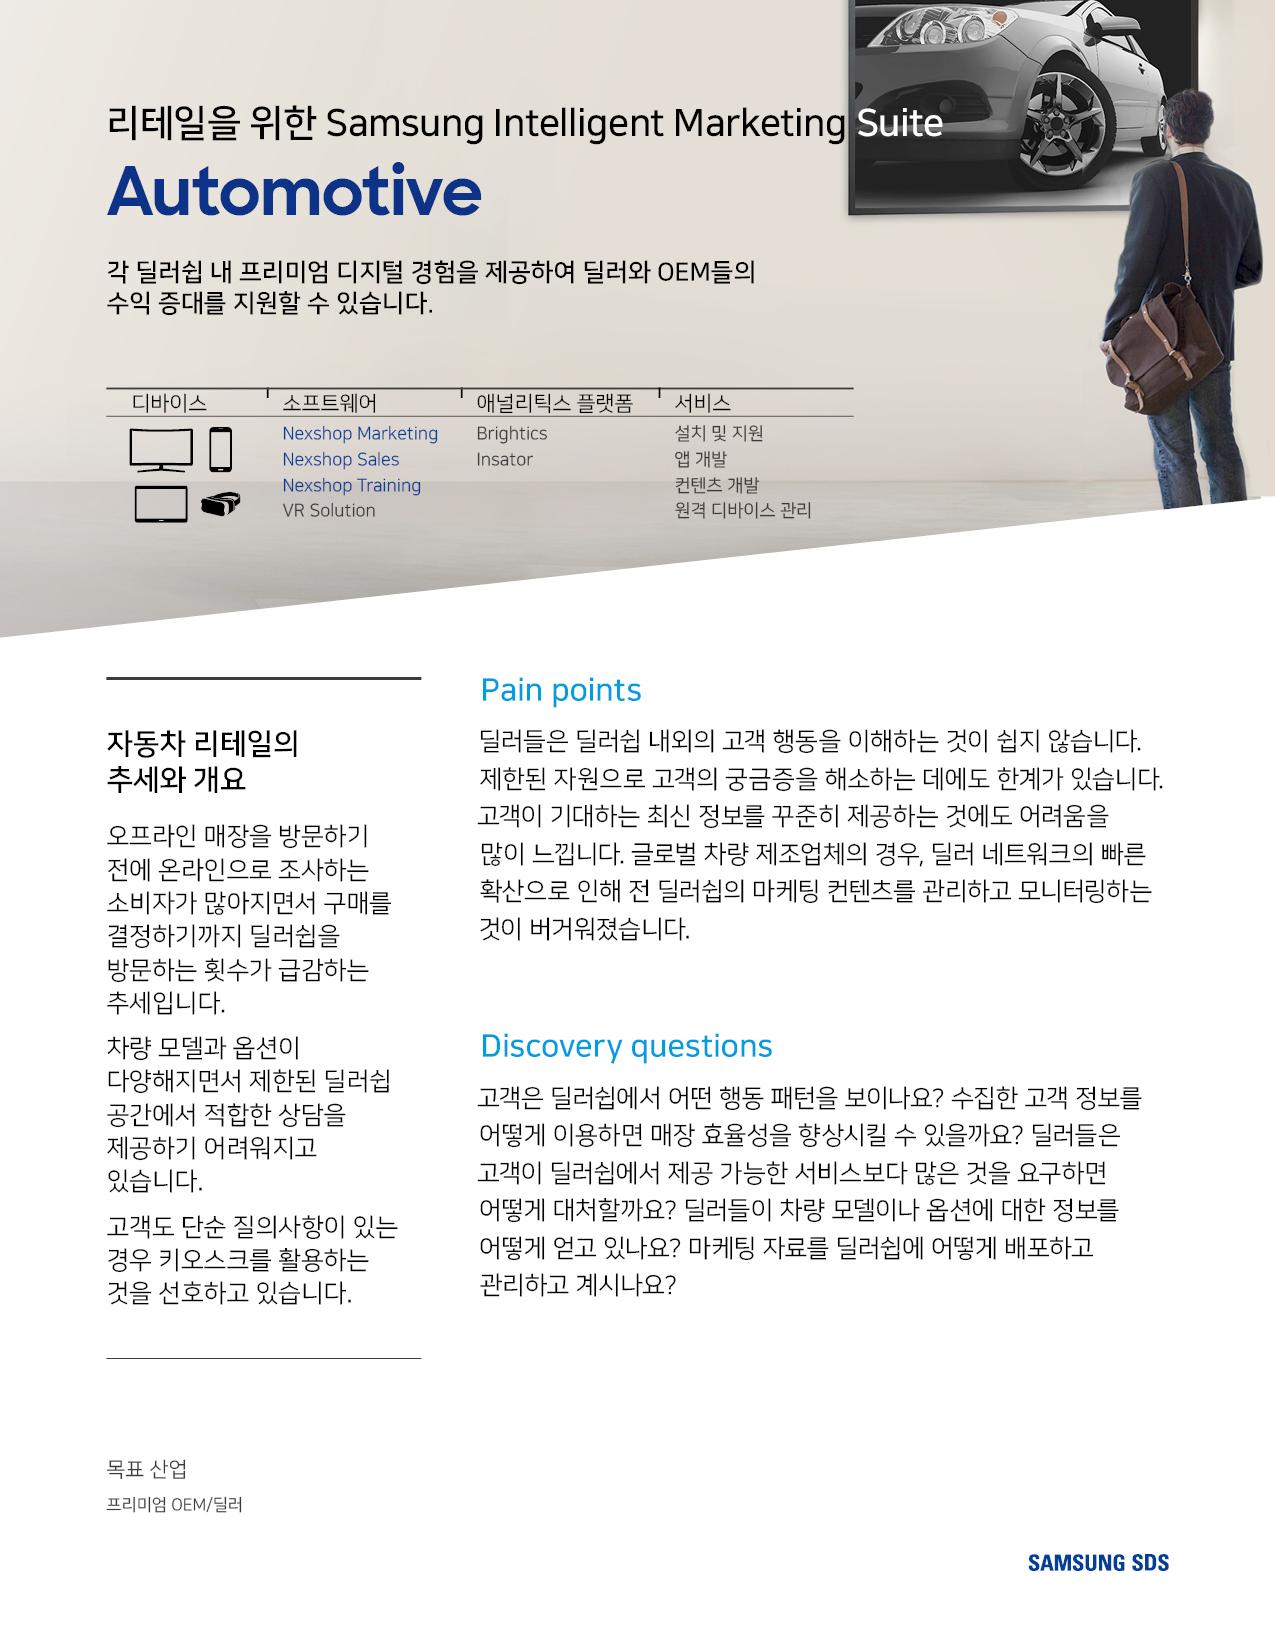 자동차 매장용 인텔리전트 마케팅_1